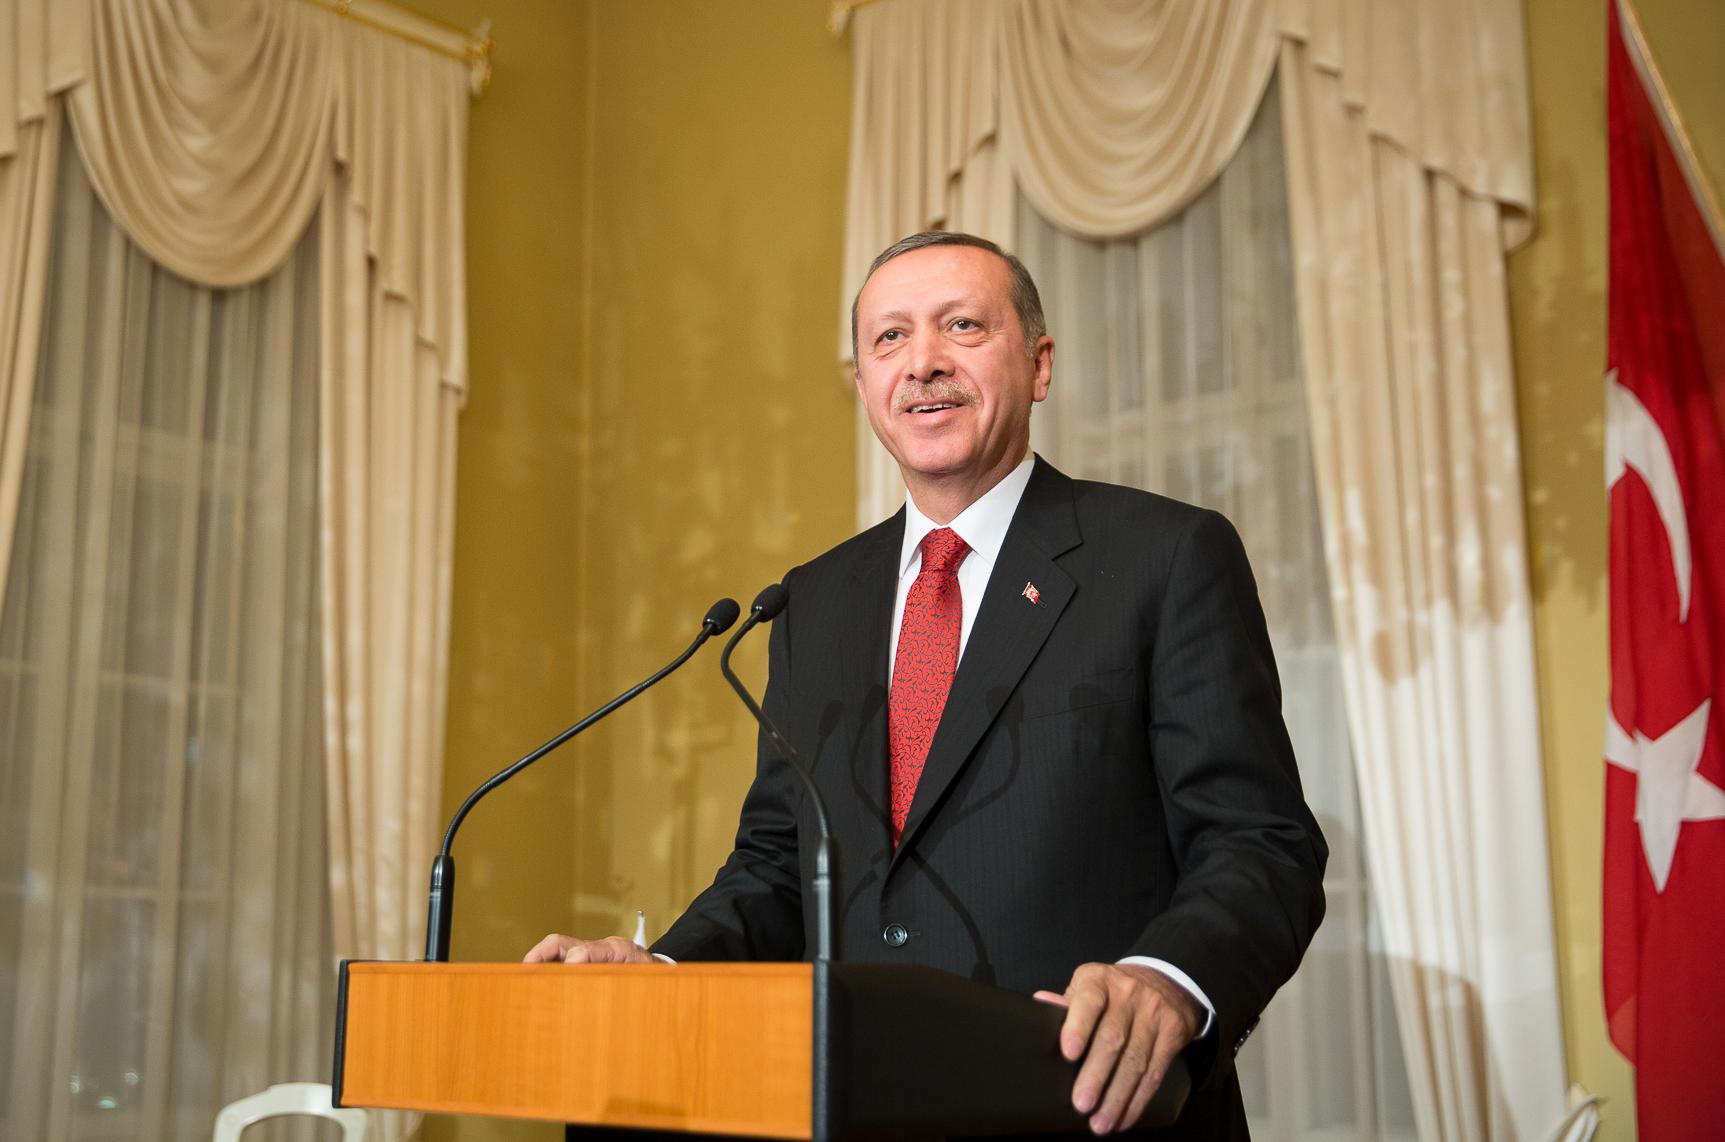 AKP'nin örtülü ödeneği: Erdoğan'ın harcamaları bugüne kadar 9 milyar lirayı aştı